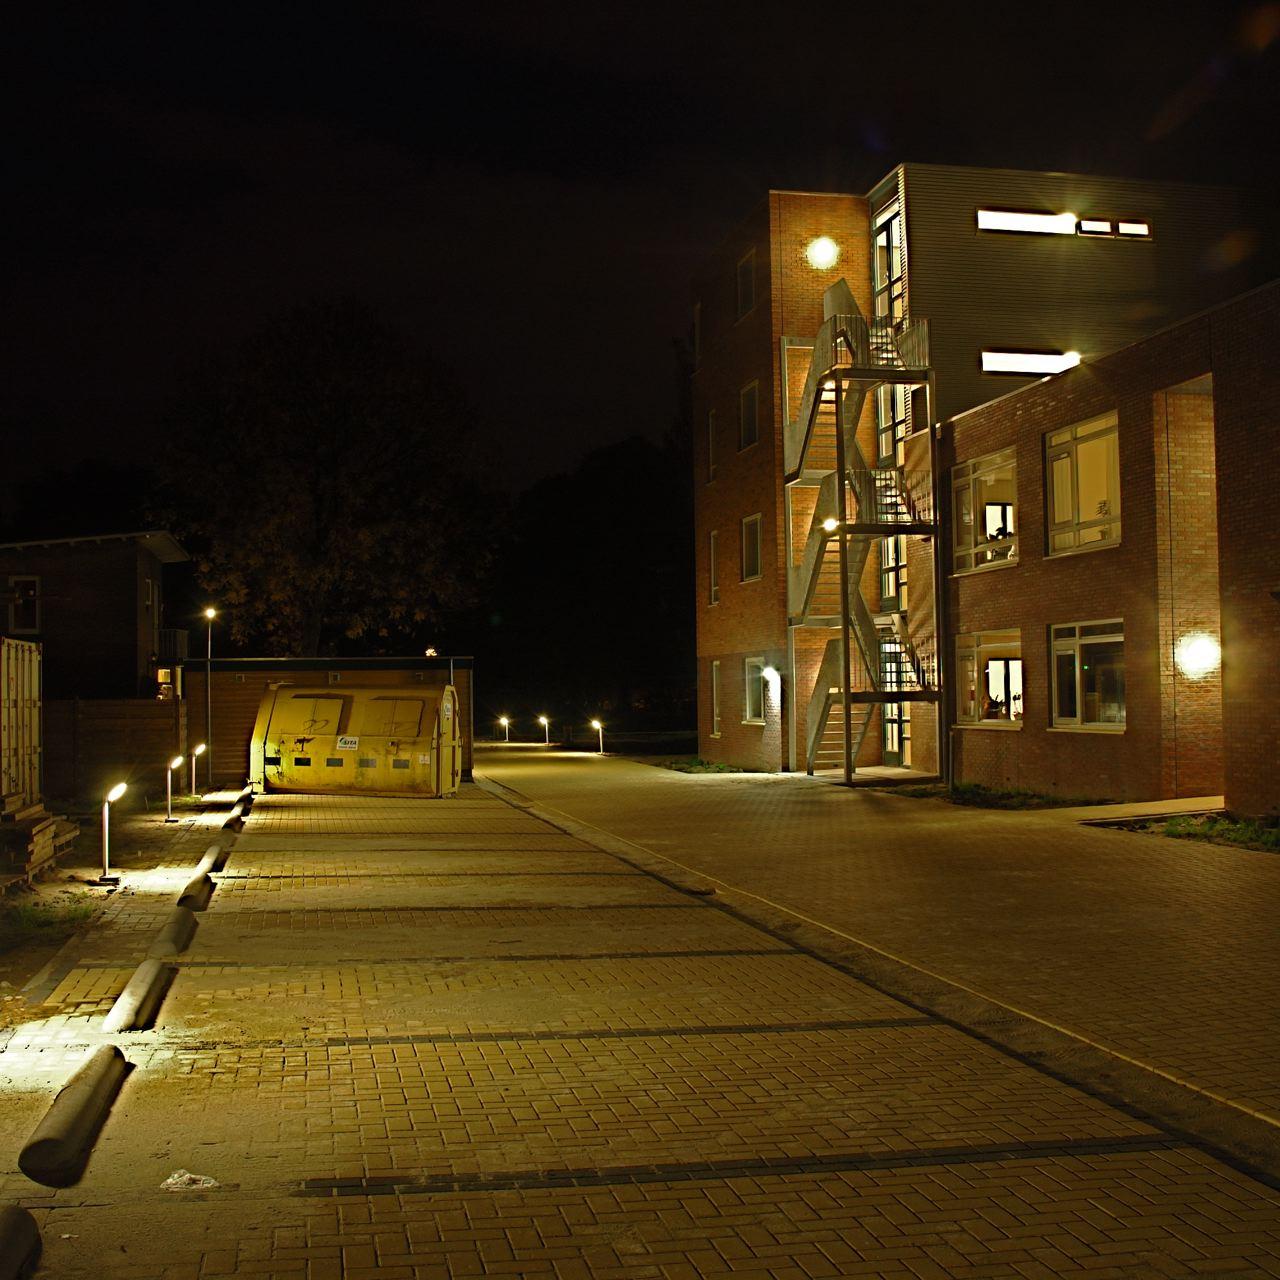 Terreinverlichting,+de+Zijlen+5.jpg